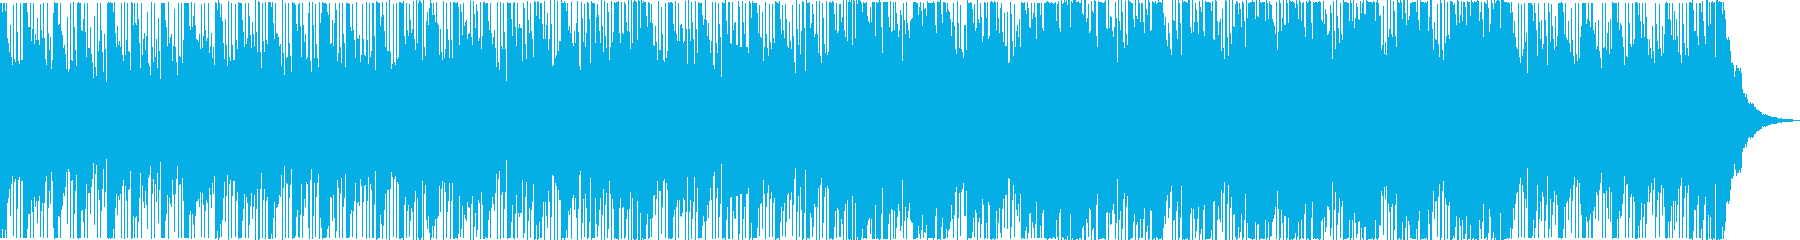 法人 技術的な 繰り返しの ハイテ...の再生済みの波形